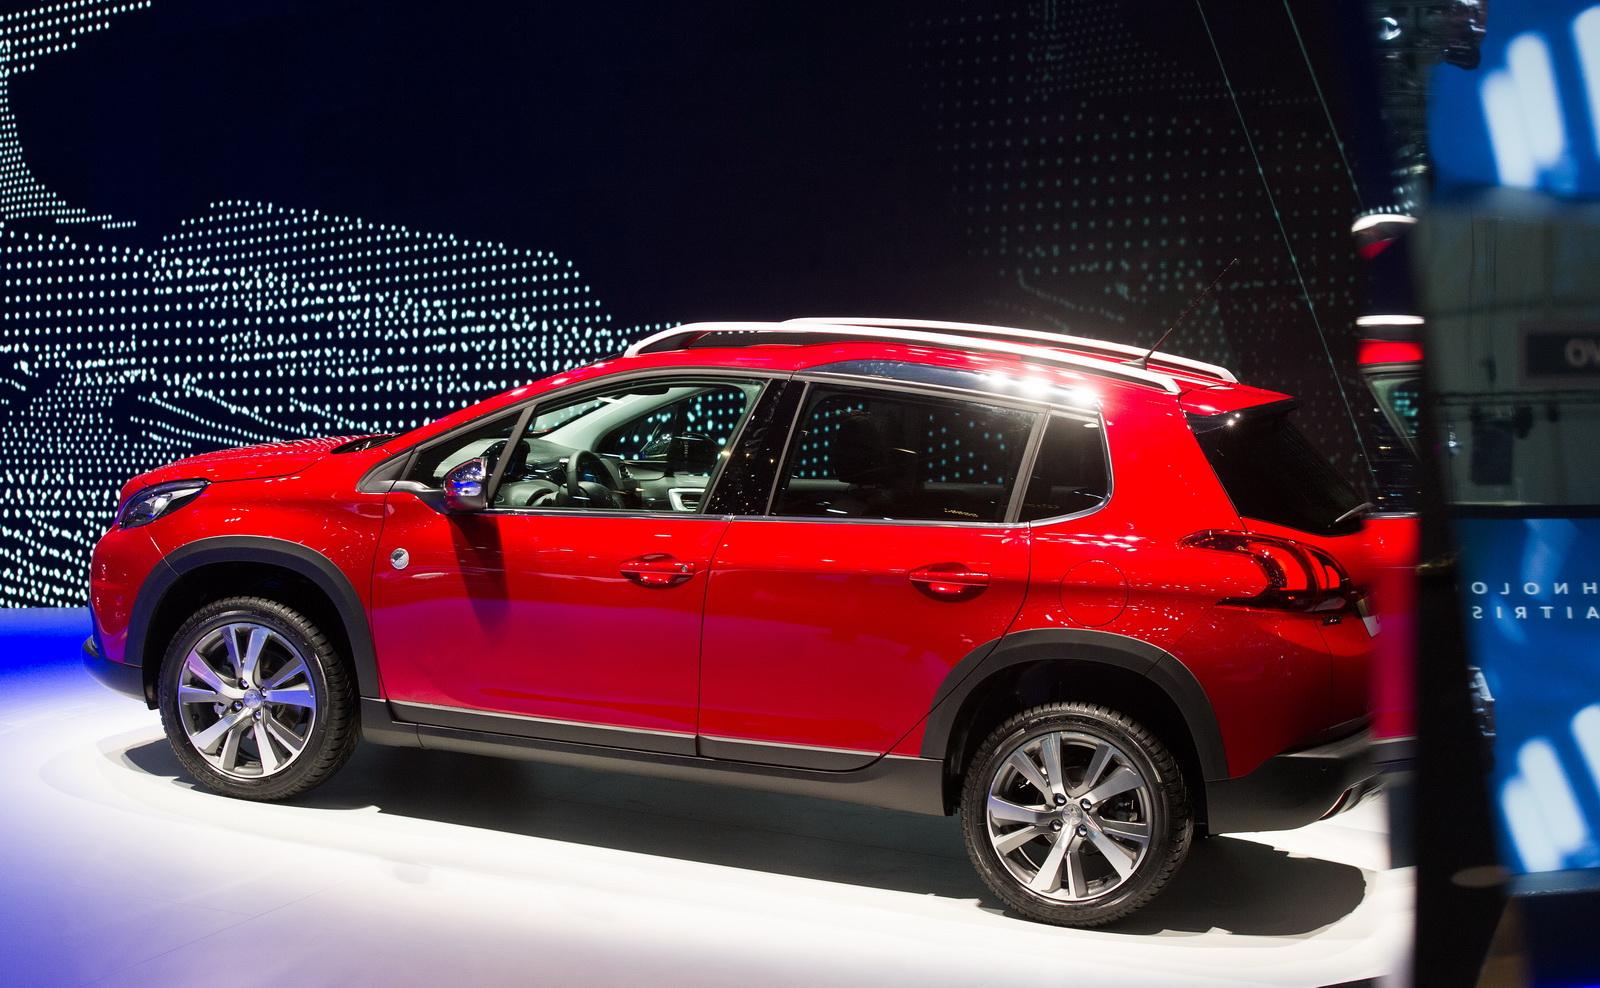 Peugeot 2008 2017 rất phù hợp với gia đình nhỏ & thuận tiện đi trong thành phố